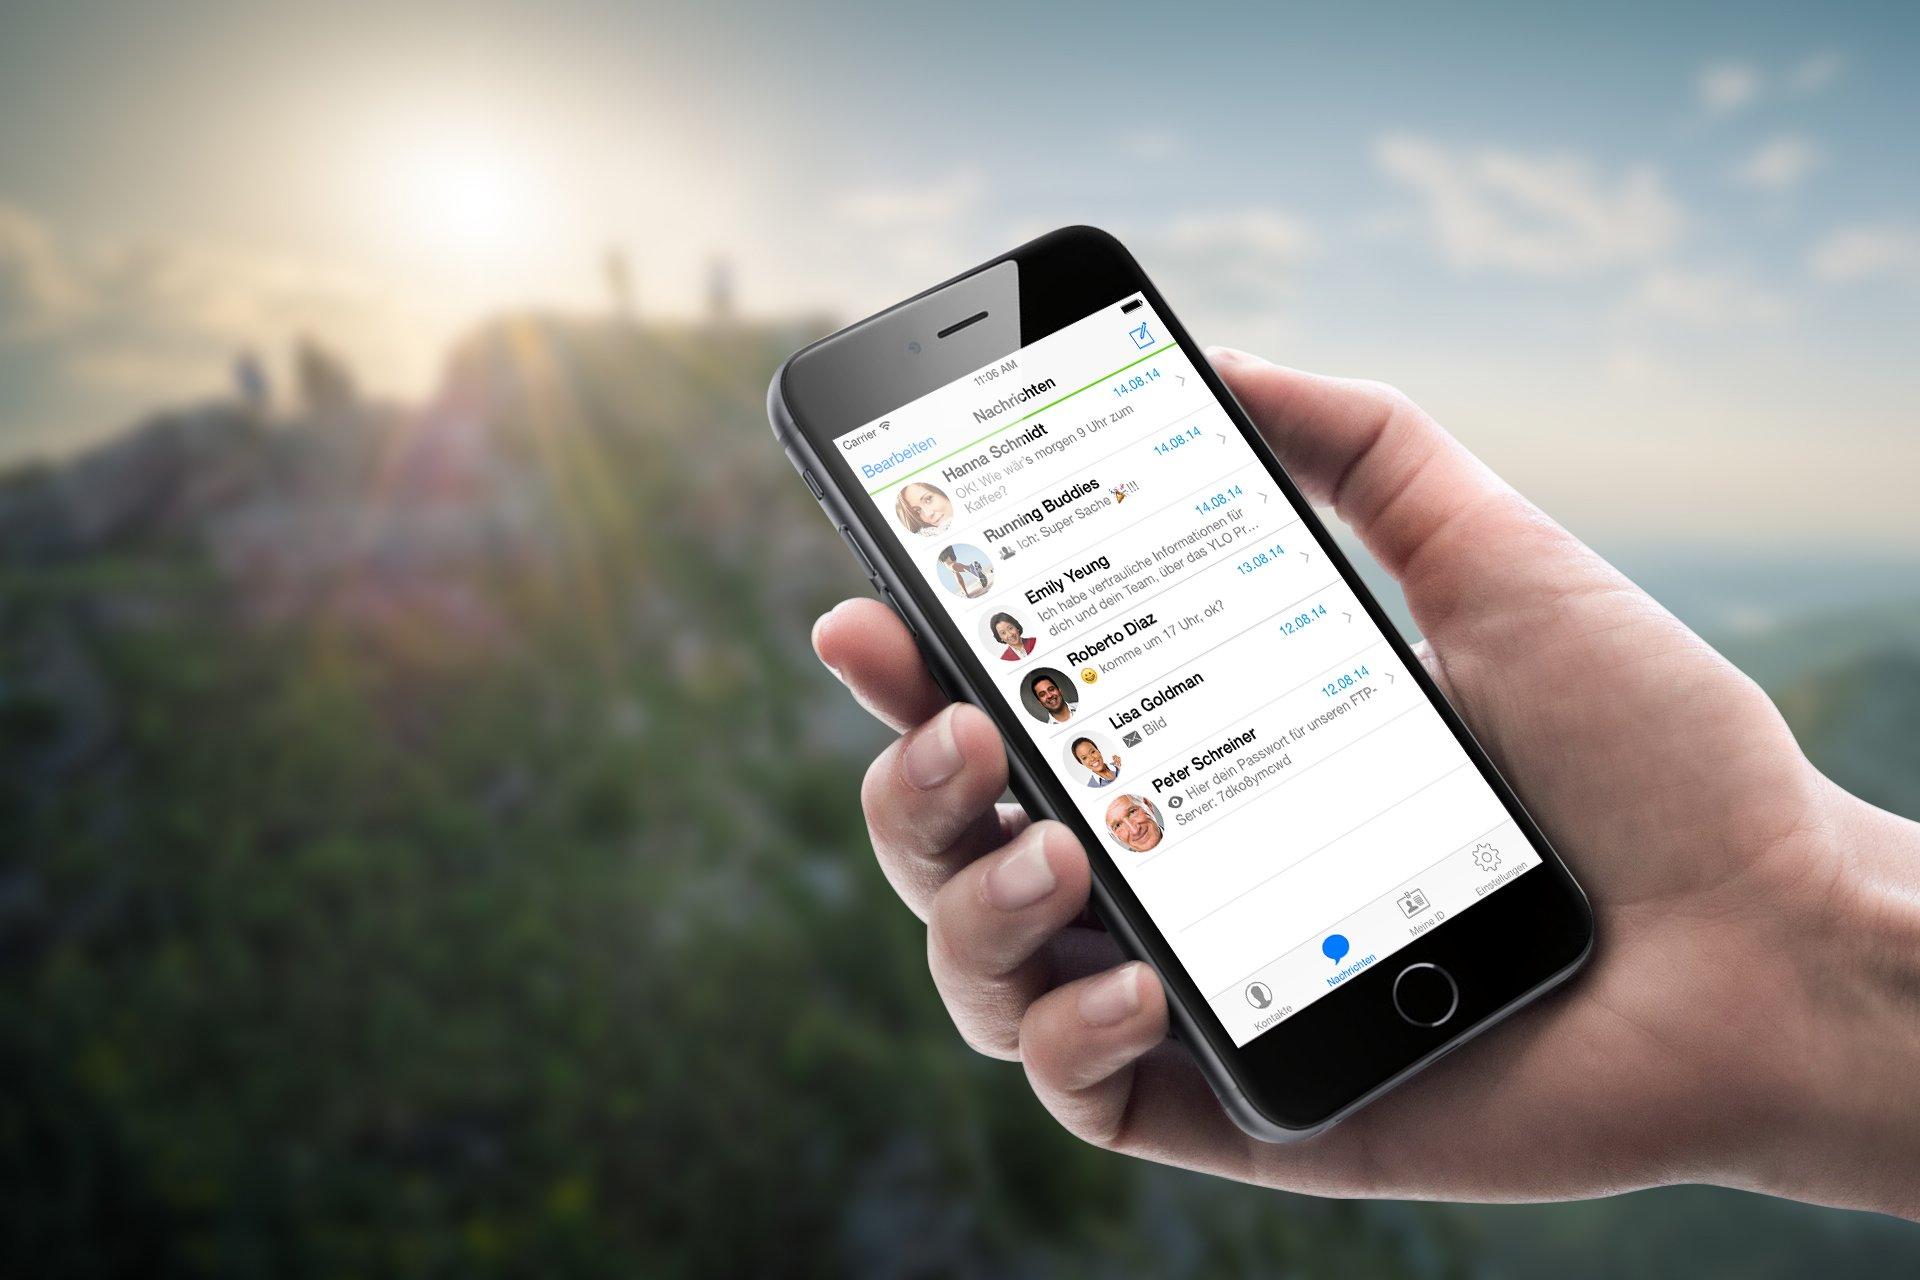 Der Schweizer Messenger Threema wirbt seit Jahren damit, besonders sicher zu sein. Das Unternehmen wurde erst 2012 gegründet.